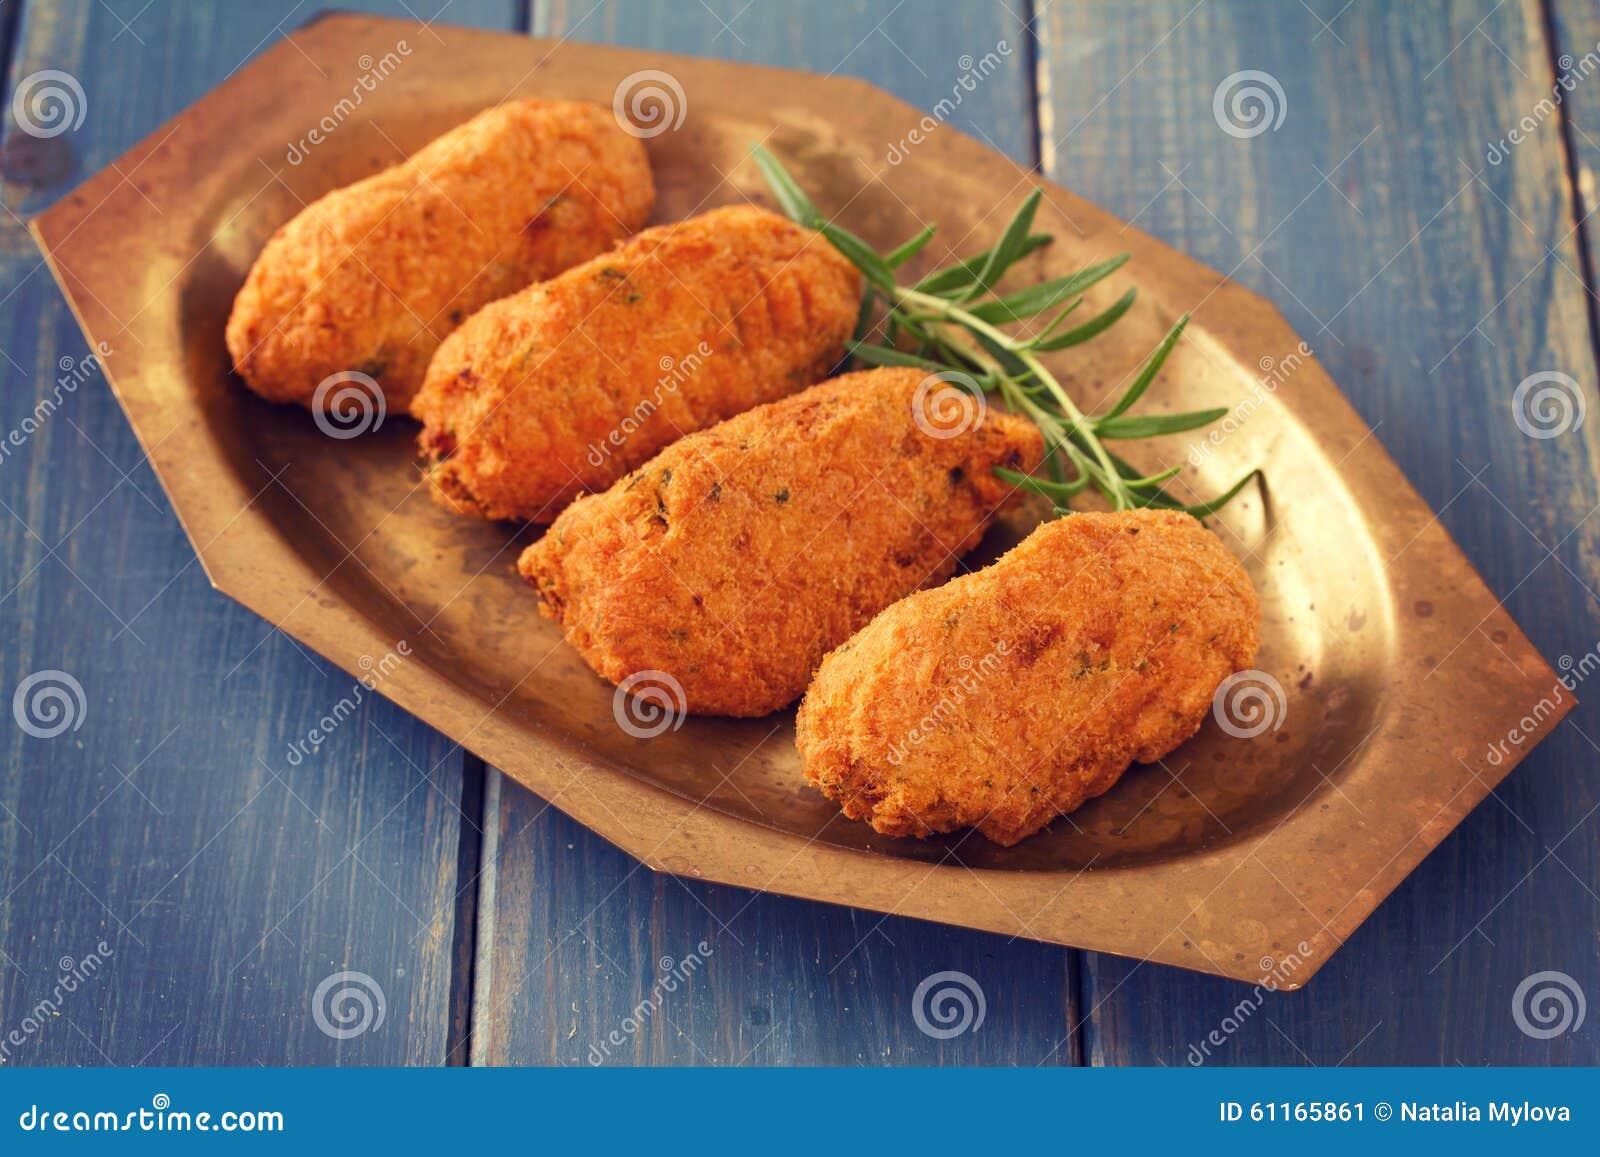 Croquettes рыб трески на блюде